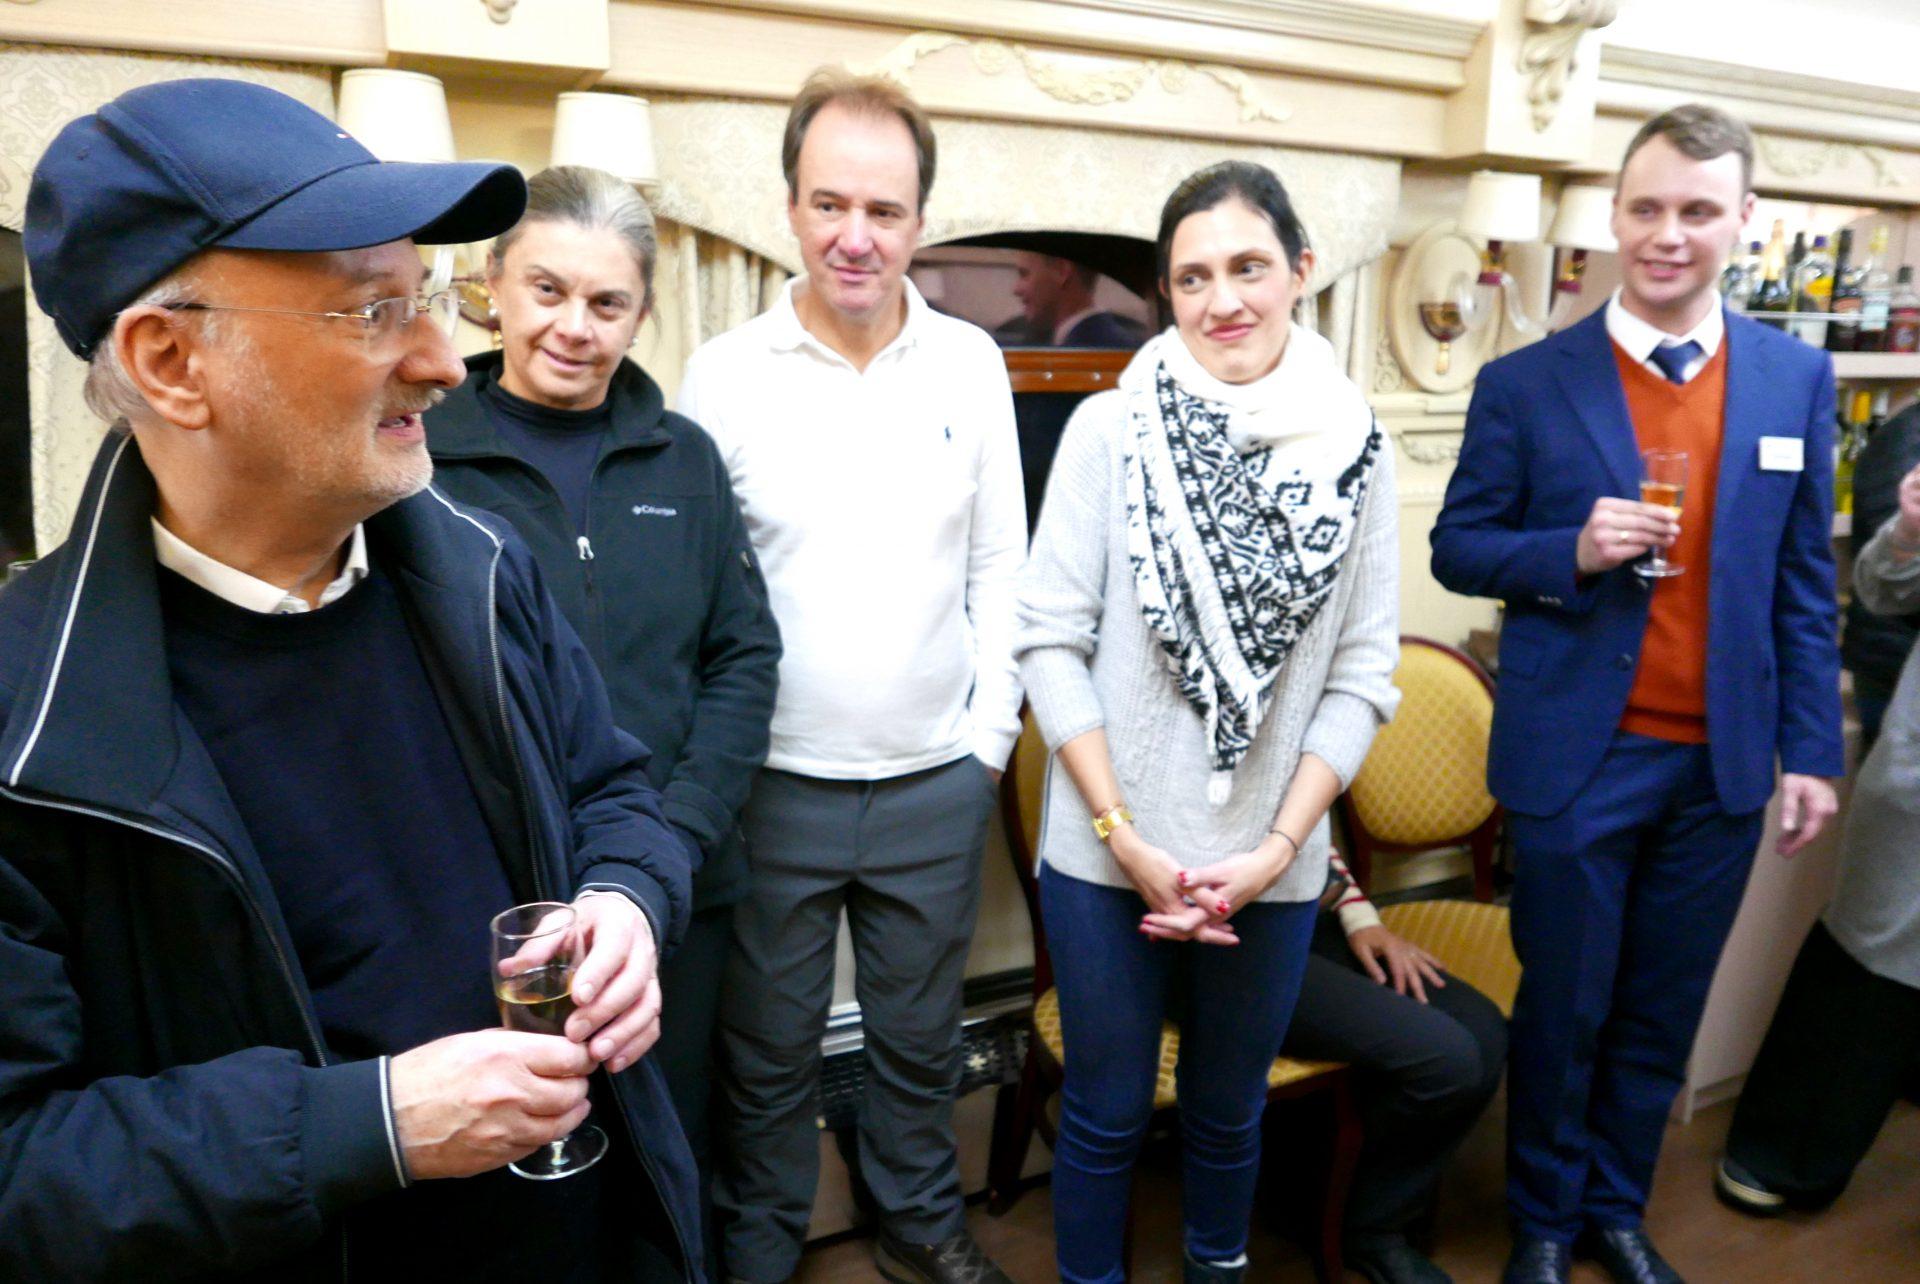 Helmut Mochel, diretor e proprietário da Eurasia Trains & Tour, Clara Kuraim, Eduardo Barbosa e Isis Pompilio, diretora da operadora Aviatrix